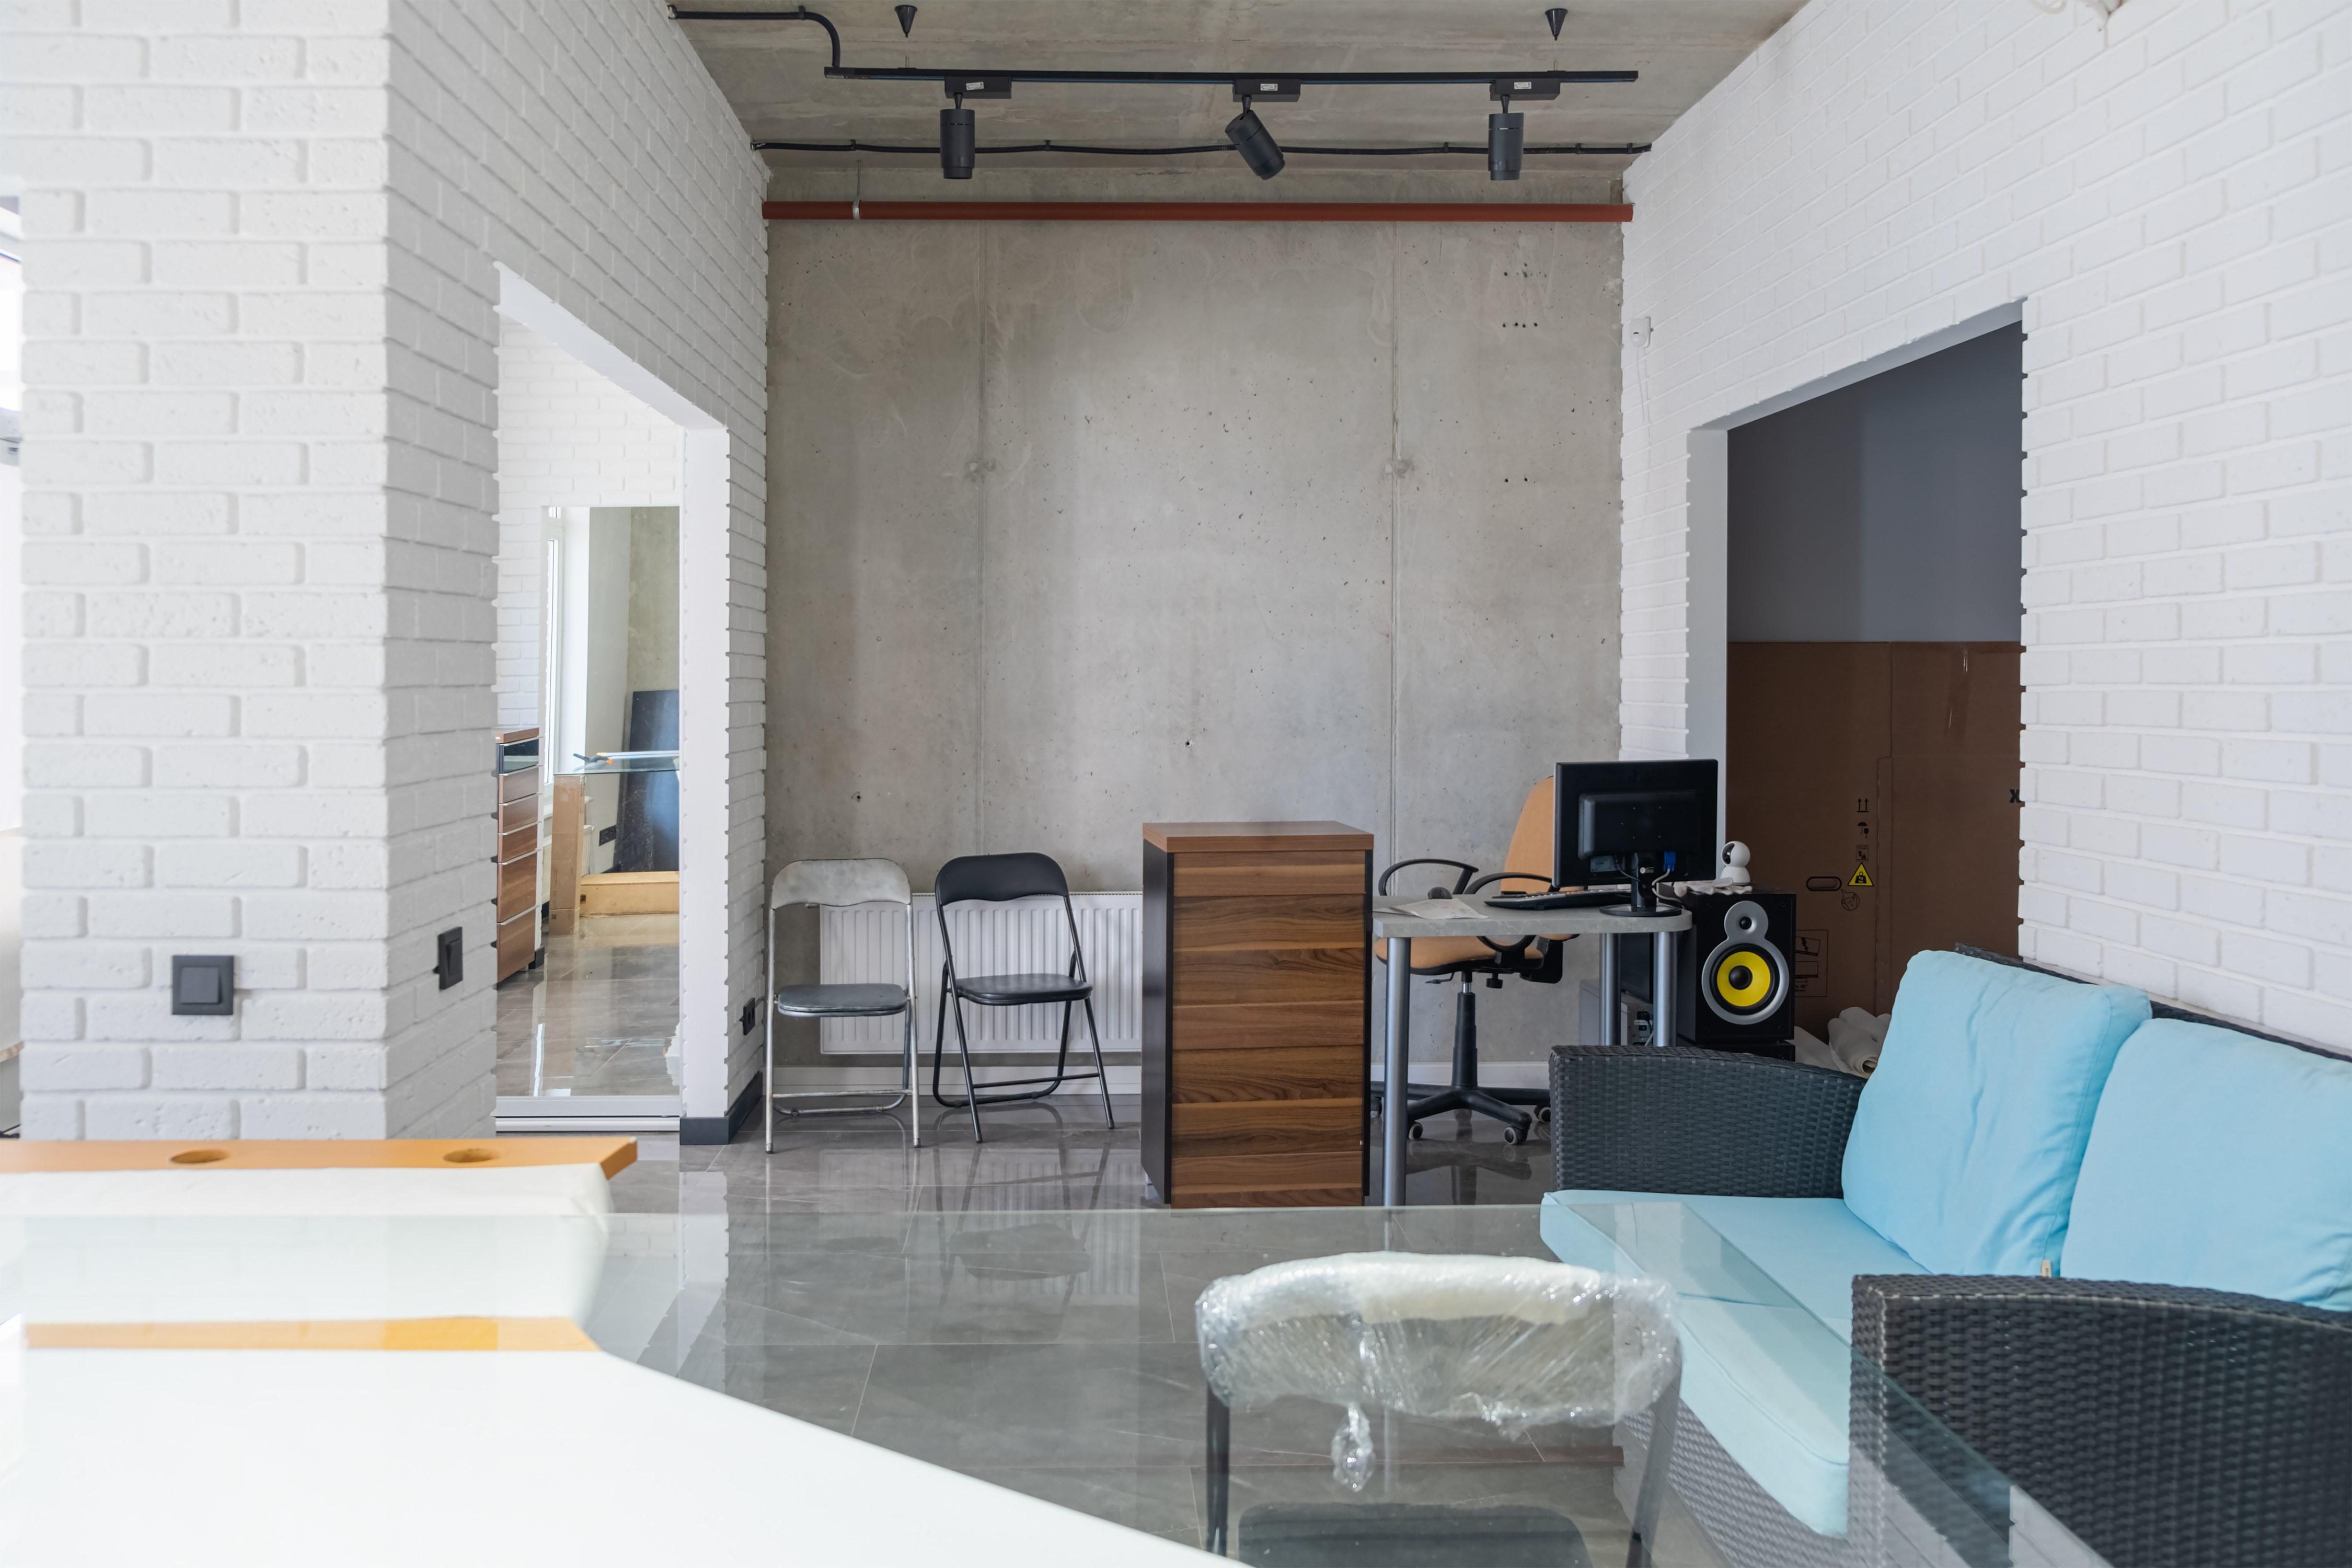 Рабочее место менеджера в офисе после ремонта в стиле Лофт